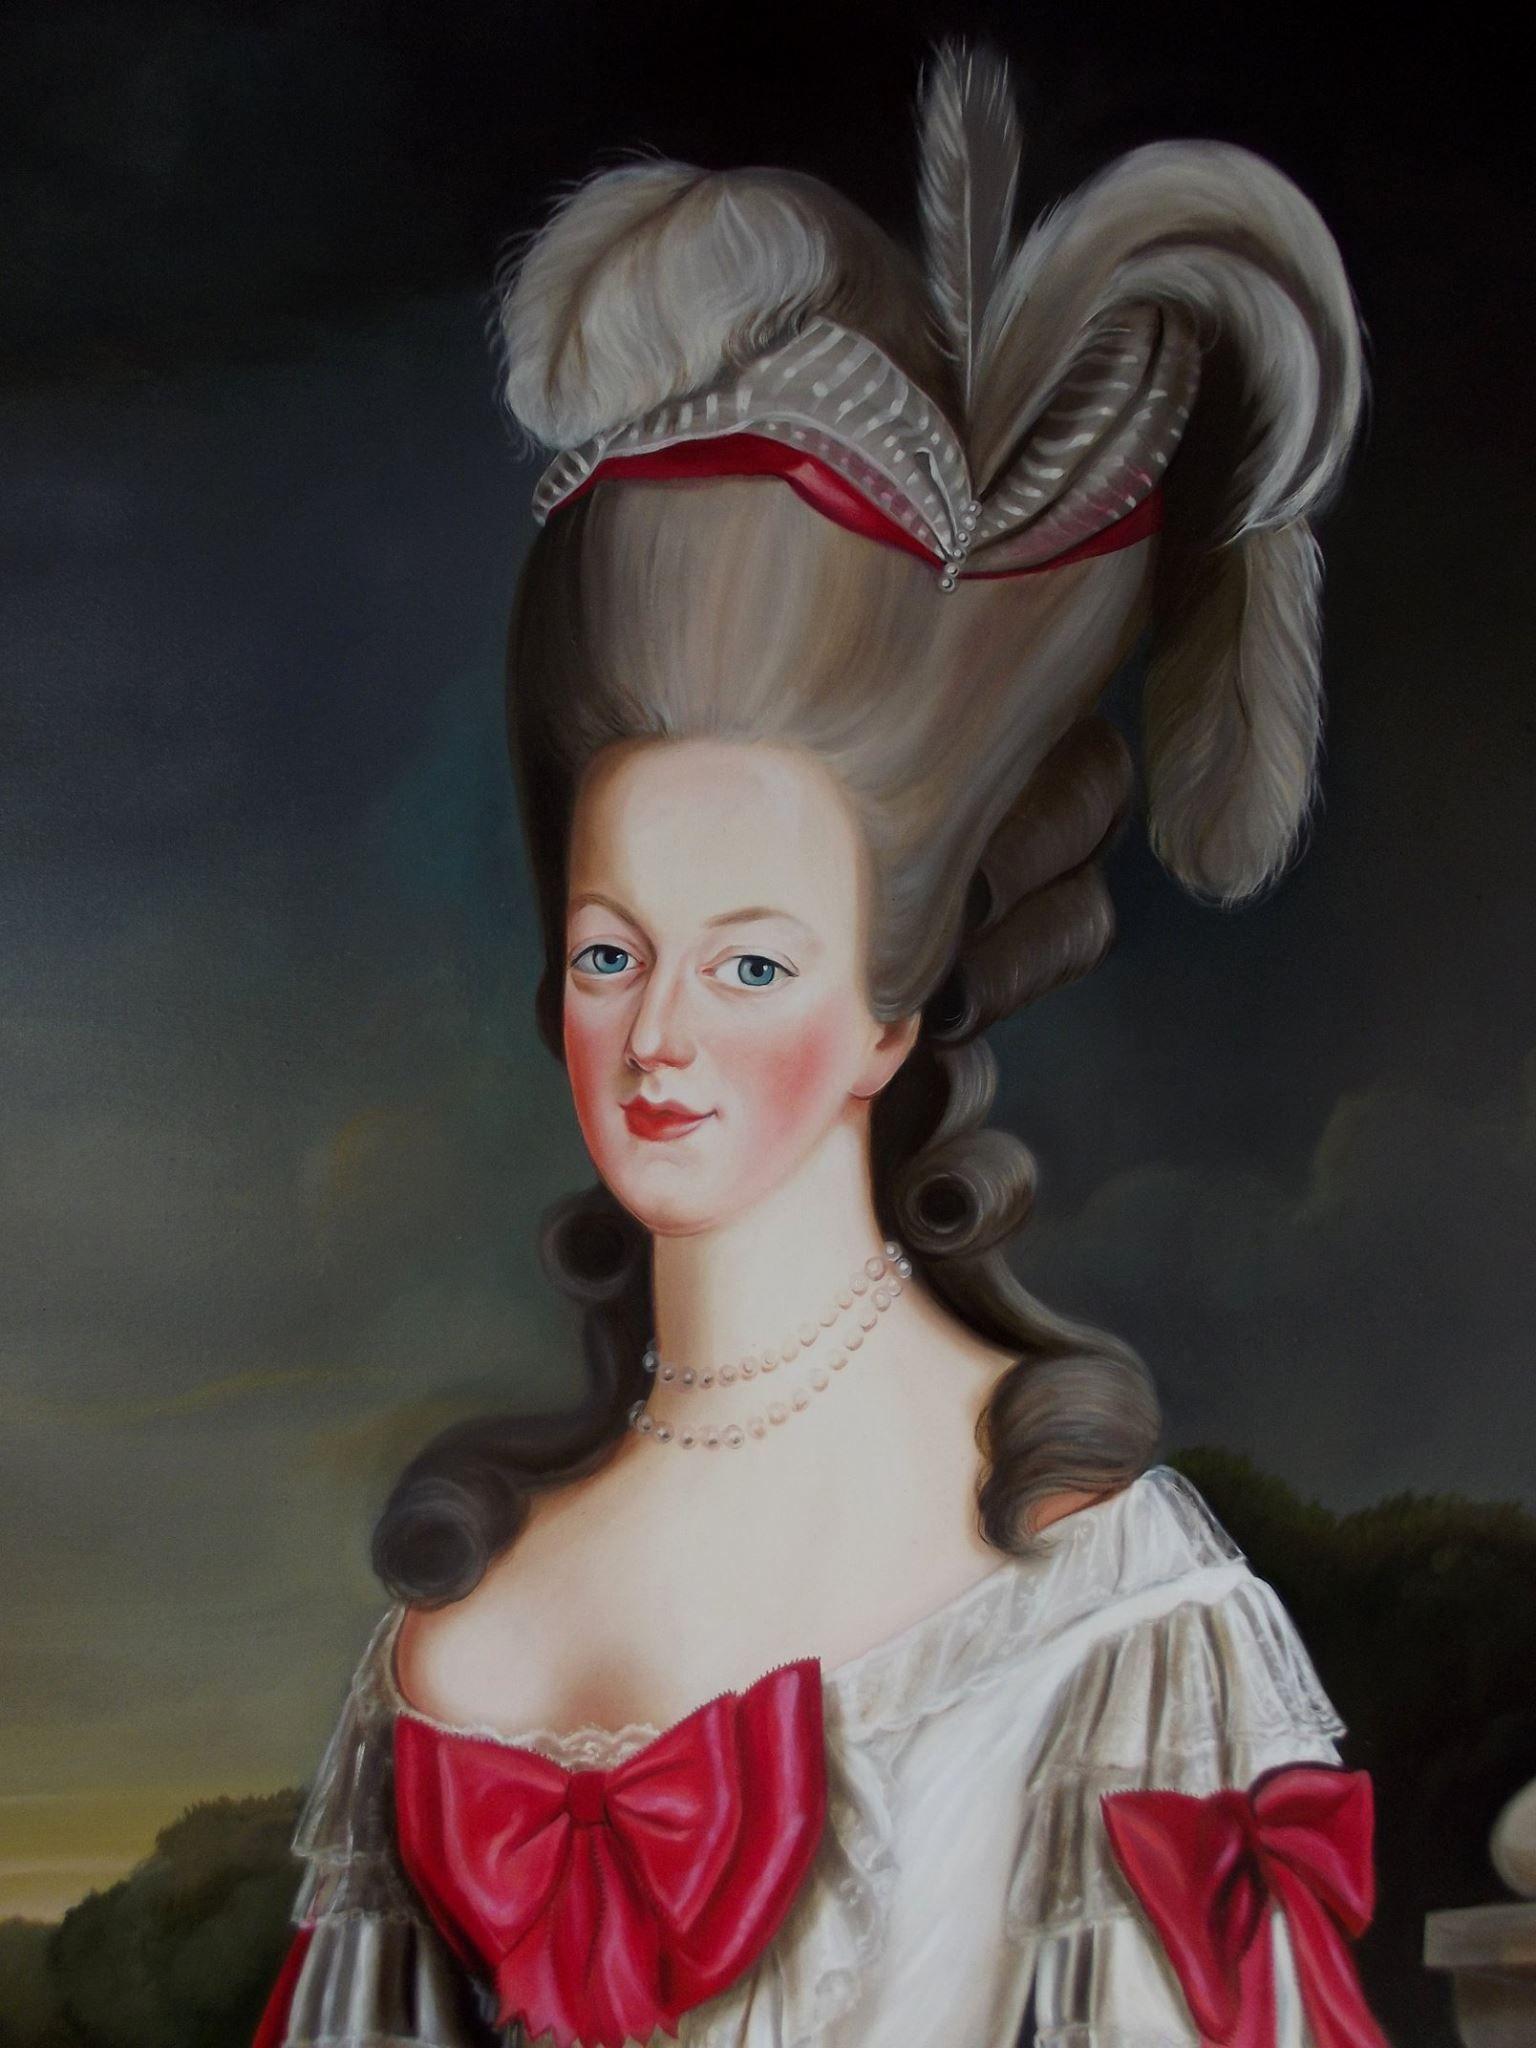 многолюдно картинки французская королева получила образование